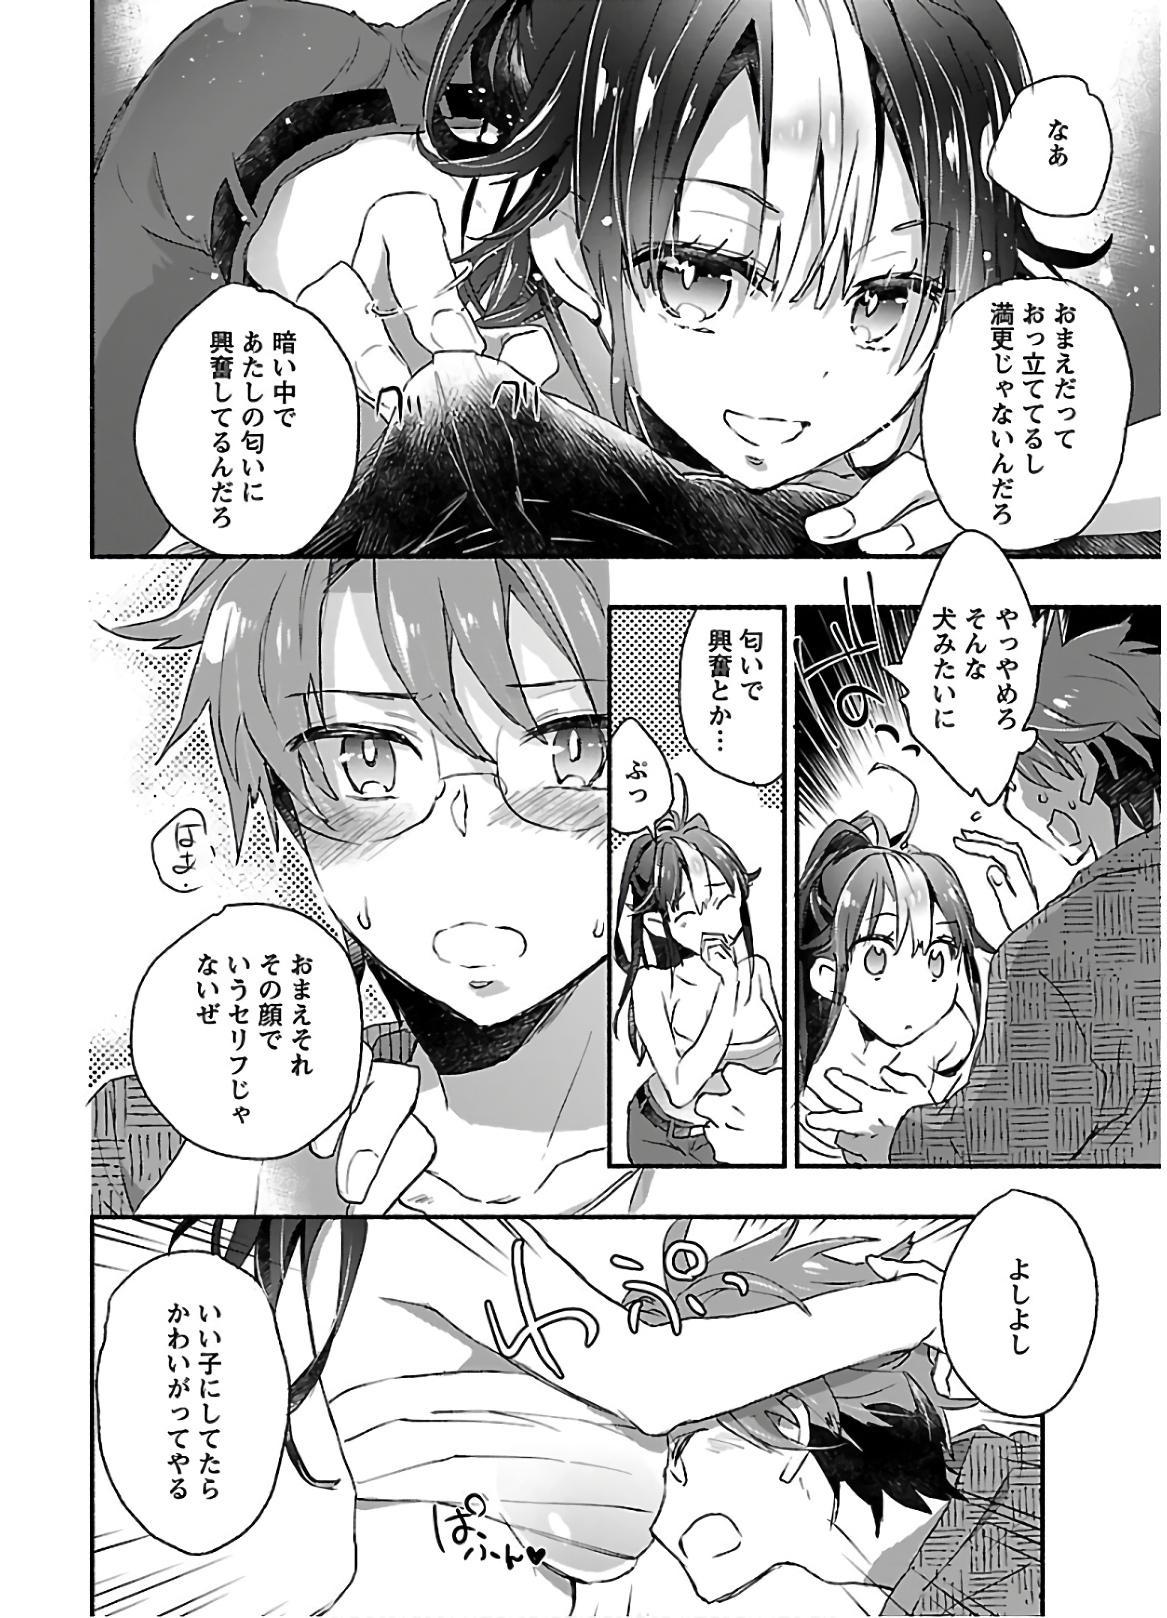 Yankii musume ni natsukarete kotoshi mo juken ni shippai shisou desu  vol.1 19